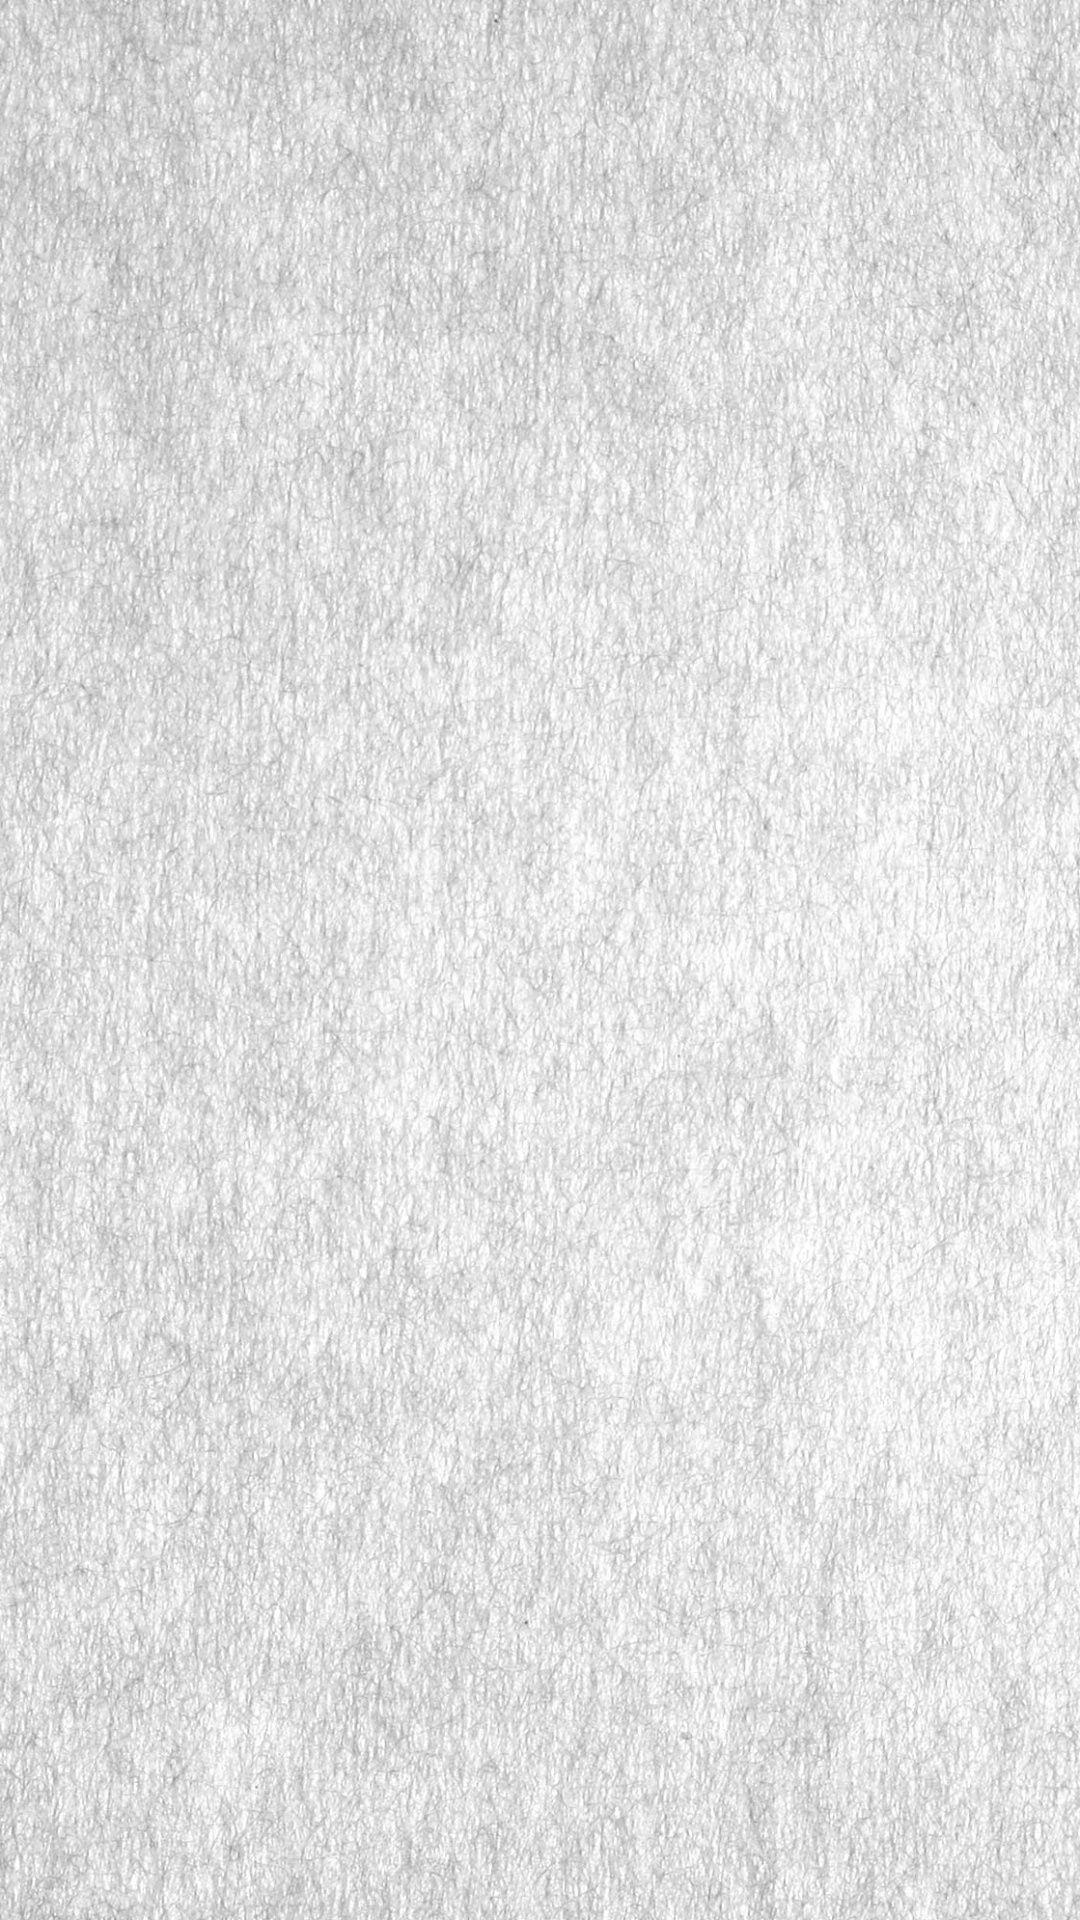 White screen saver wallpaper